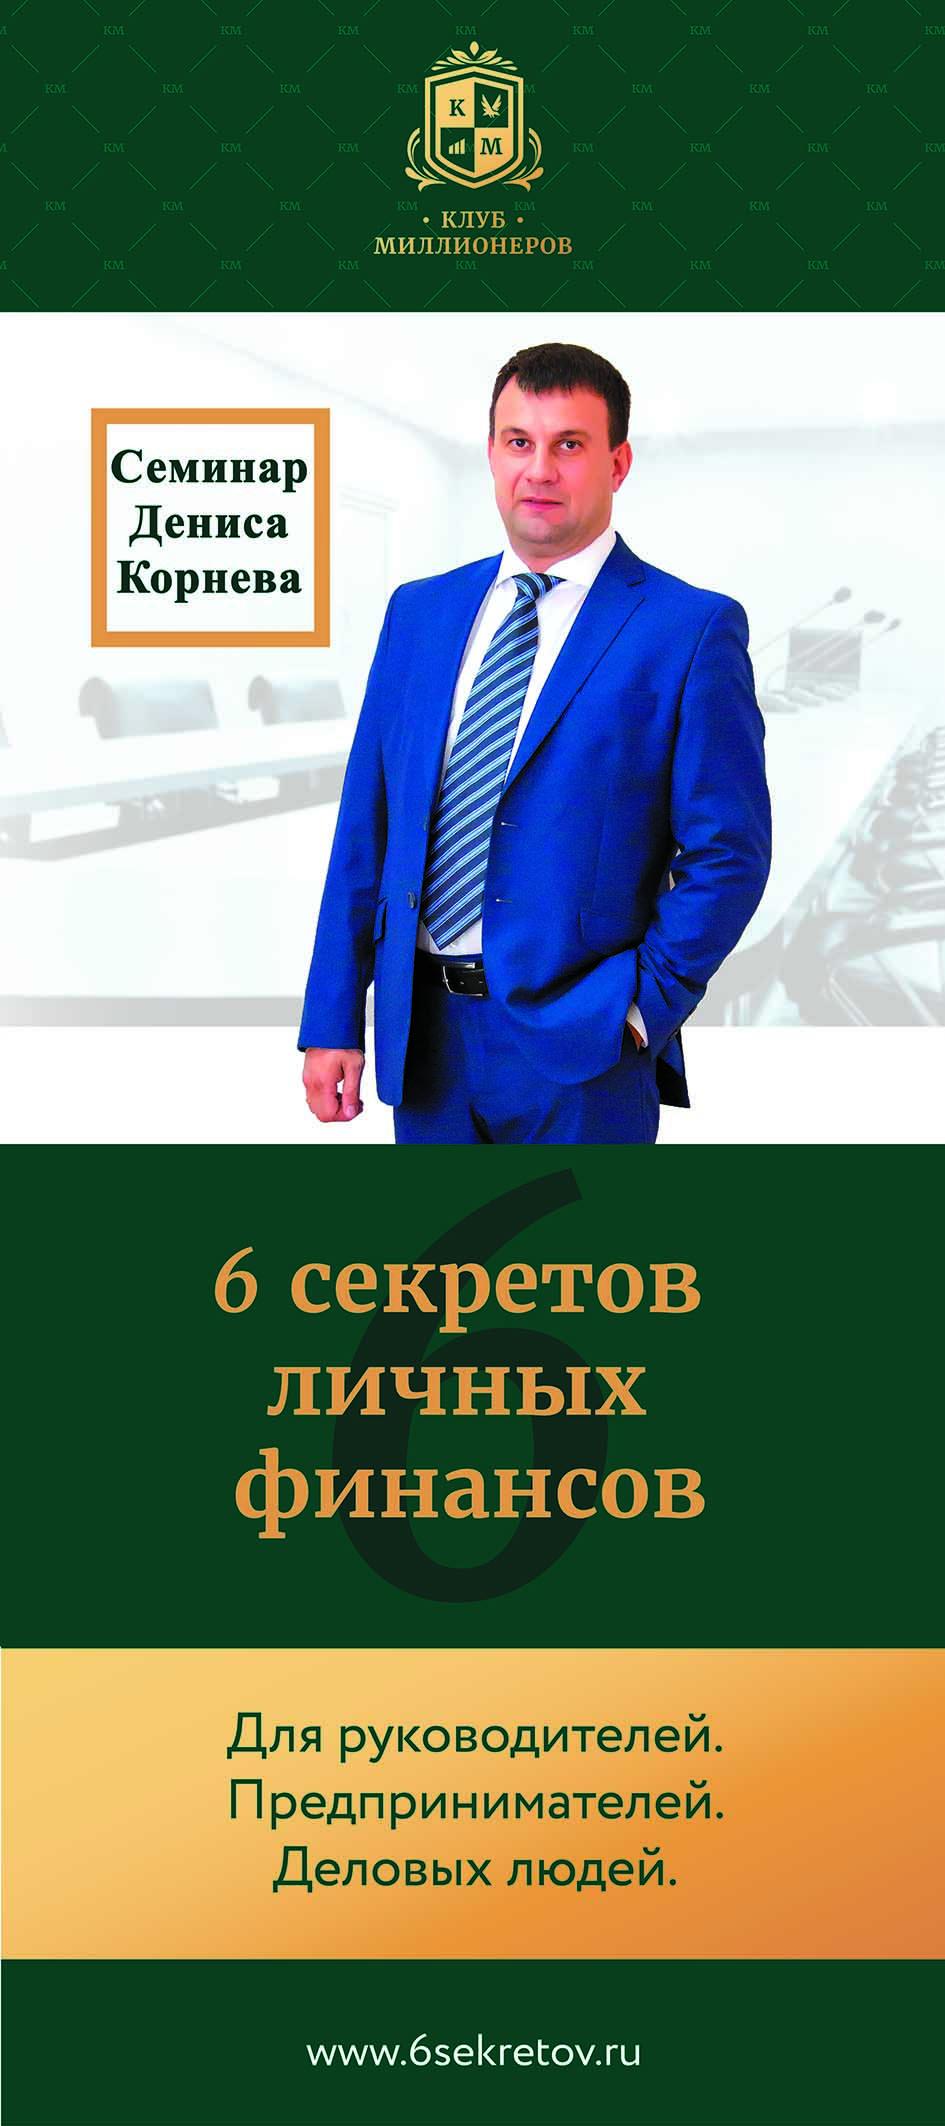 Миллионеры из Хабаровска: секреты успеха